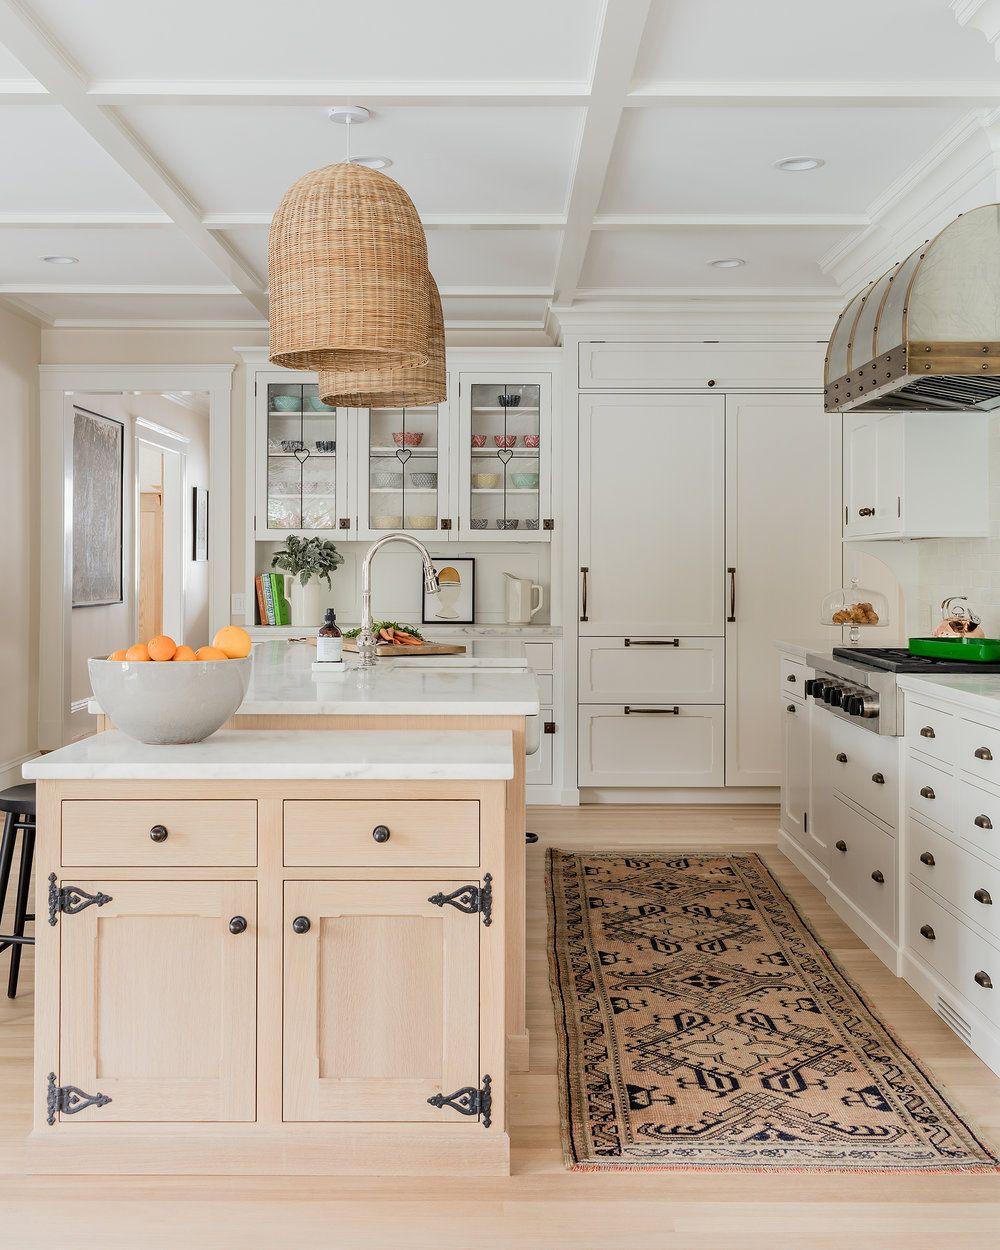 An Arts Crafts Style Home I Can Get Behind Lark Linen In 2020 Interior Design Kitchen Kitchen Design Kitchen Interior